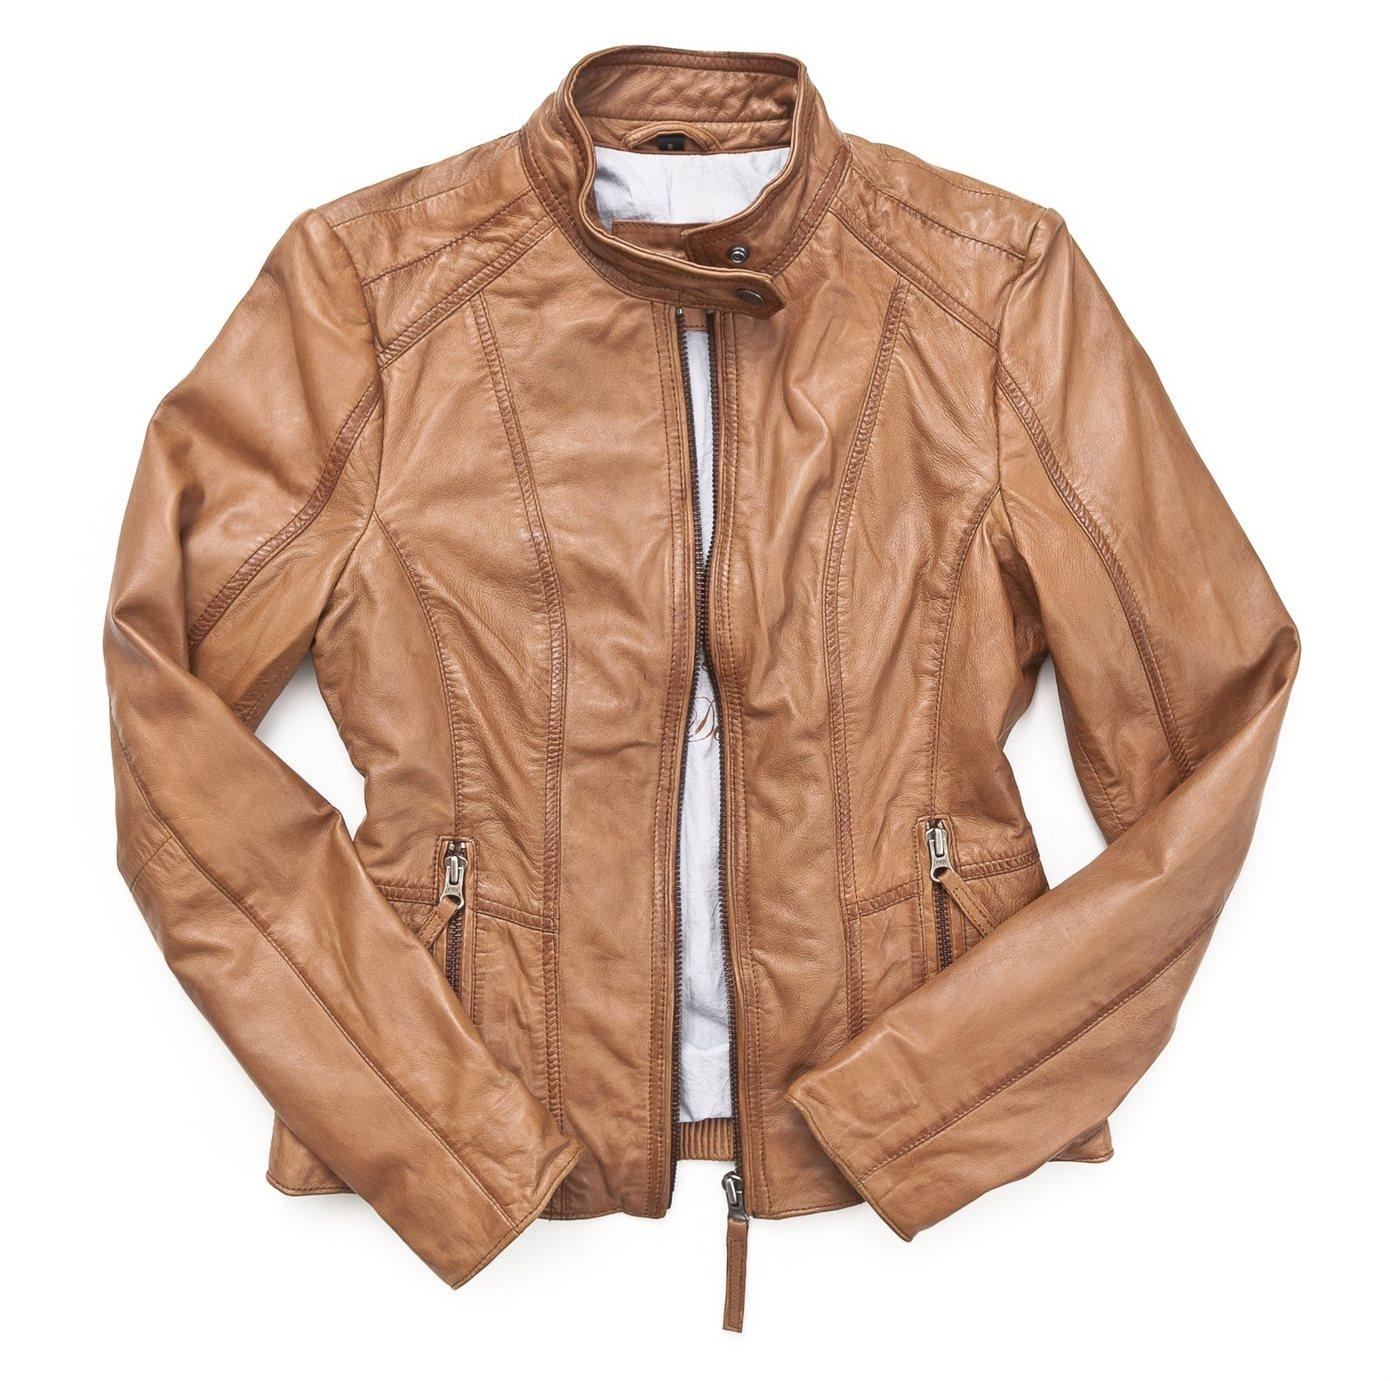 Mustang Lederjacke, Damen »Sanibel« | Bekleidung > Jacken > Lederjacken & Kunstlederjacken | Braun | Baumwolle - Polyester | MUSTANG